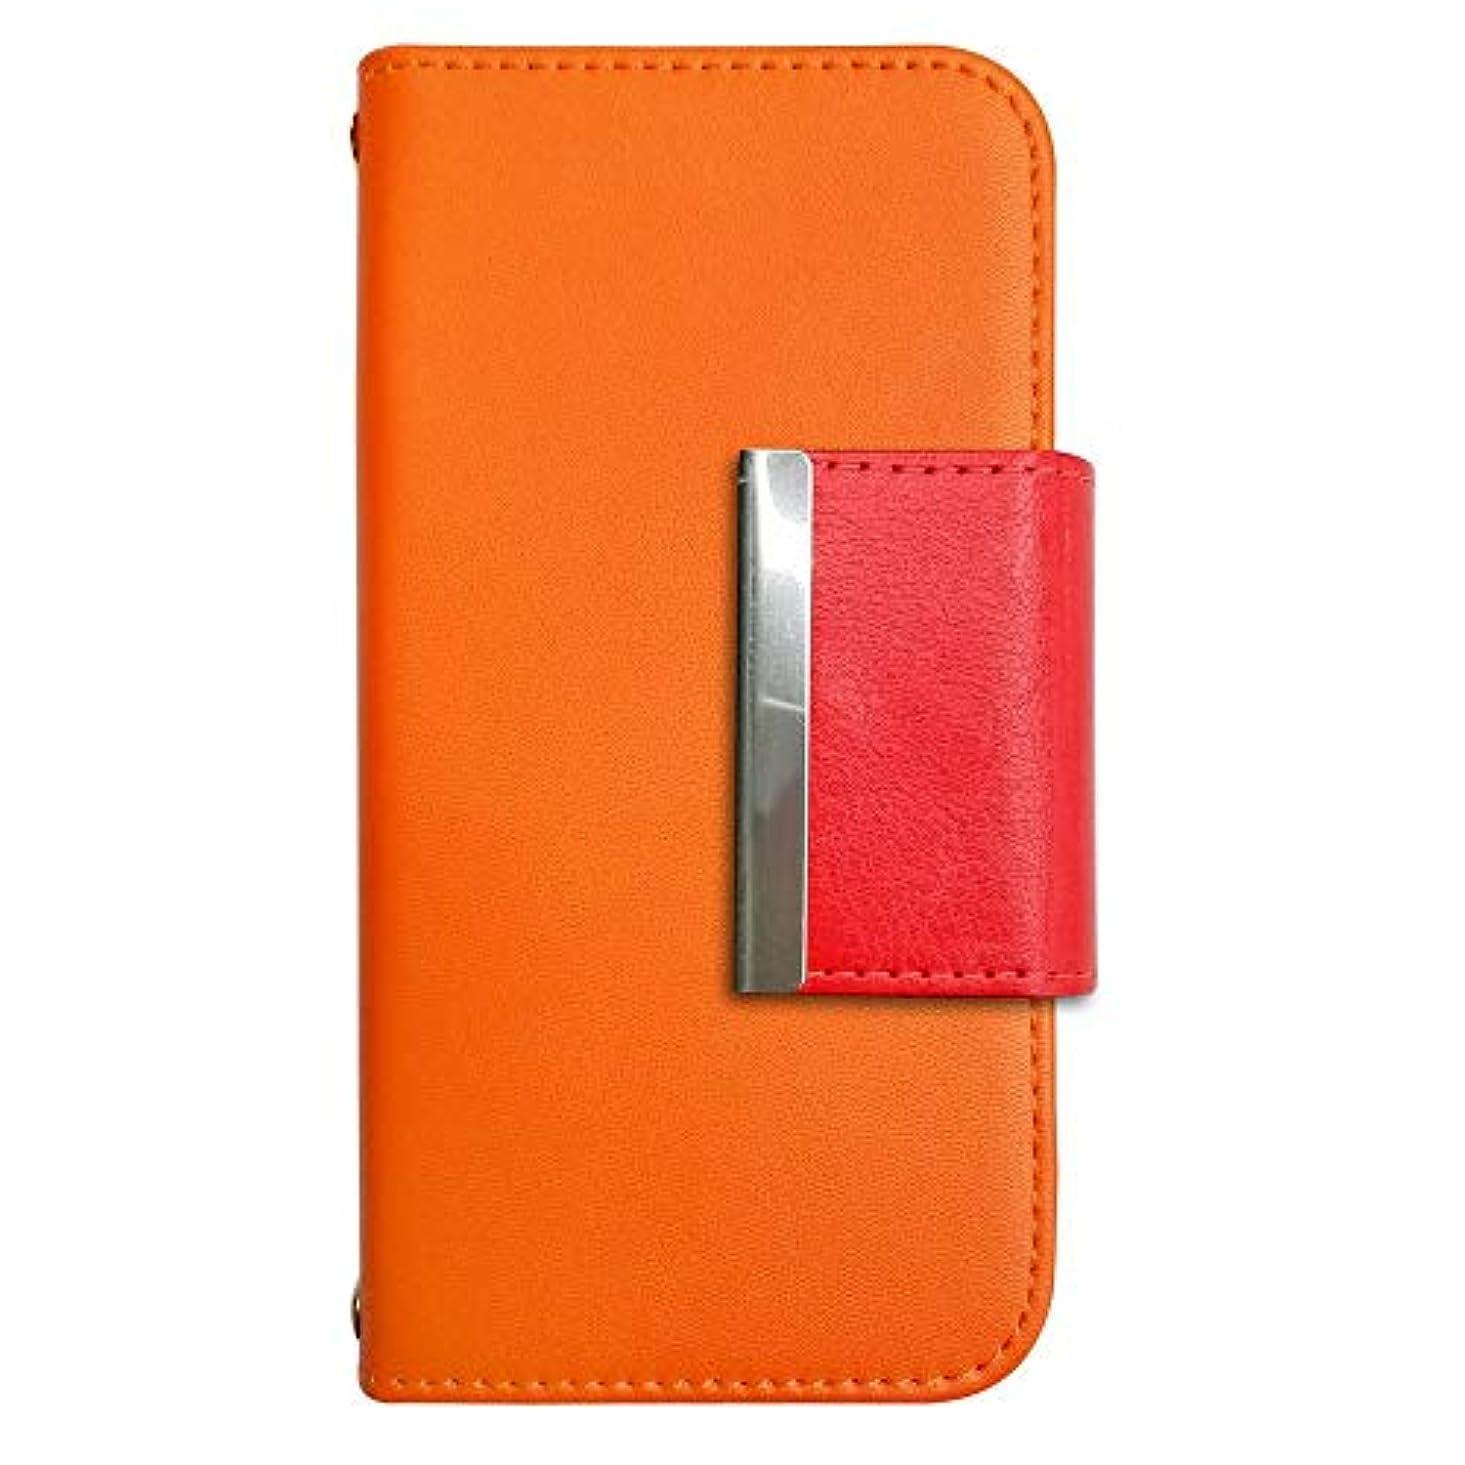 パターン暴徒お嬢sslink Galaxy S9 SC-02K/SCV38 ギャラクシーS9 ケース 手帳型 スマホケース 四角フレームデコ(レッド) ベルト きせかえ belty おしゃれ (カバー色オレンジ) ダイアリータイプ 横開き カード収納 フリップ カバー スマートフォン